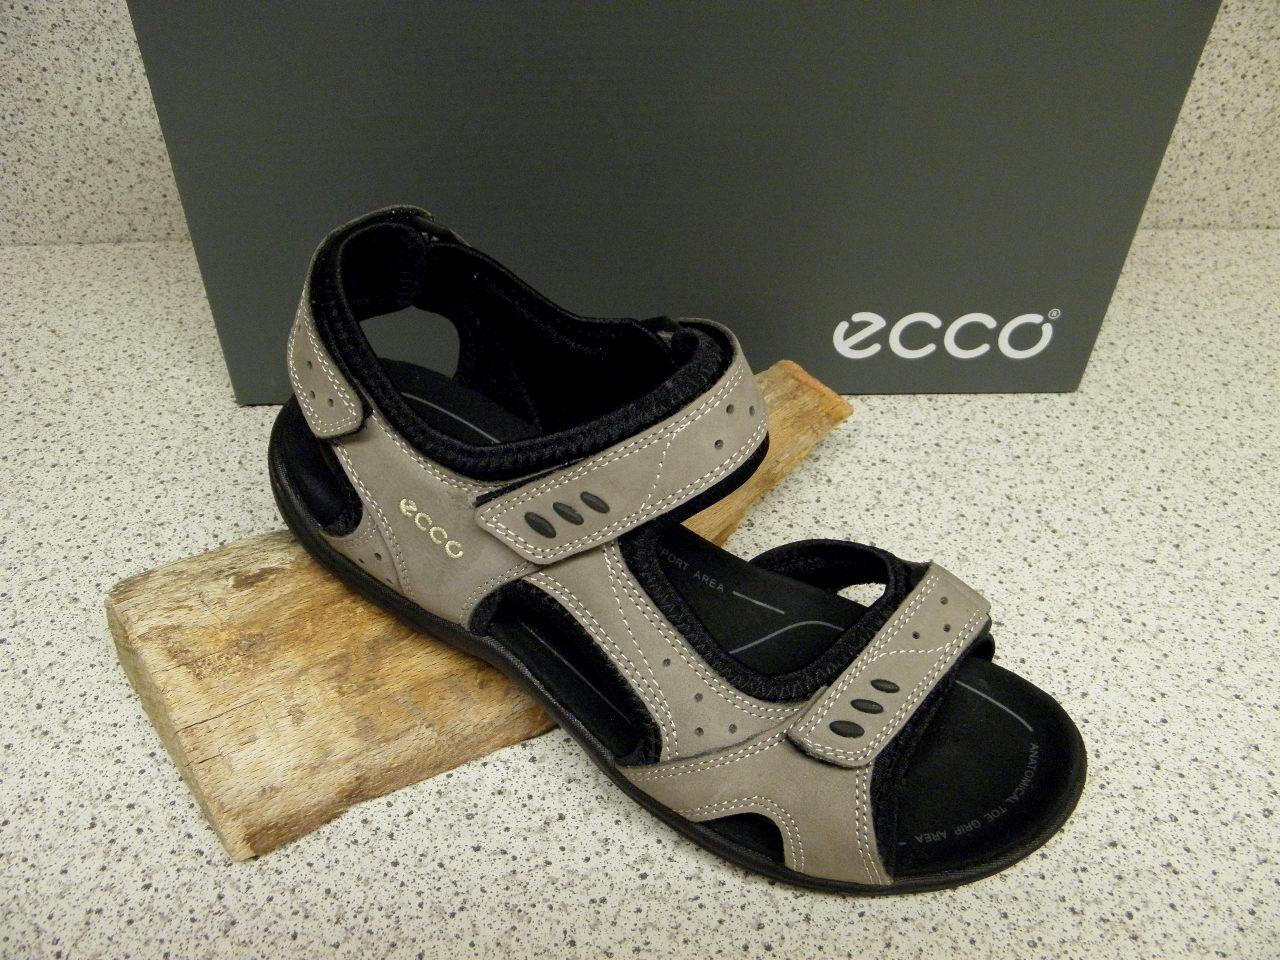 Ecco Ecco Ecco ® riduce, finora  89,95 Sandalo Outdoor Grigio (e27) 9da1e5